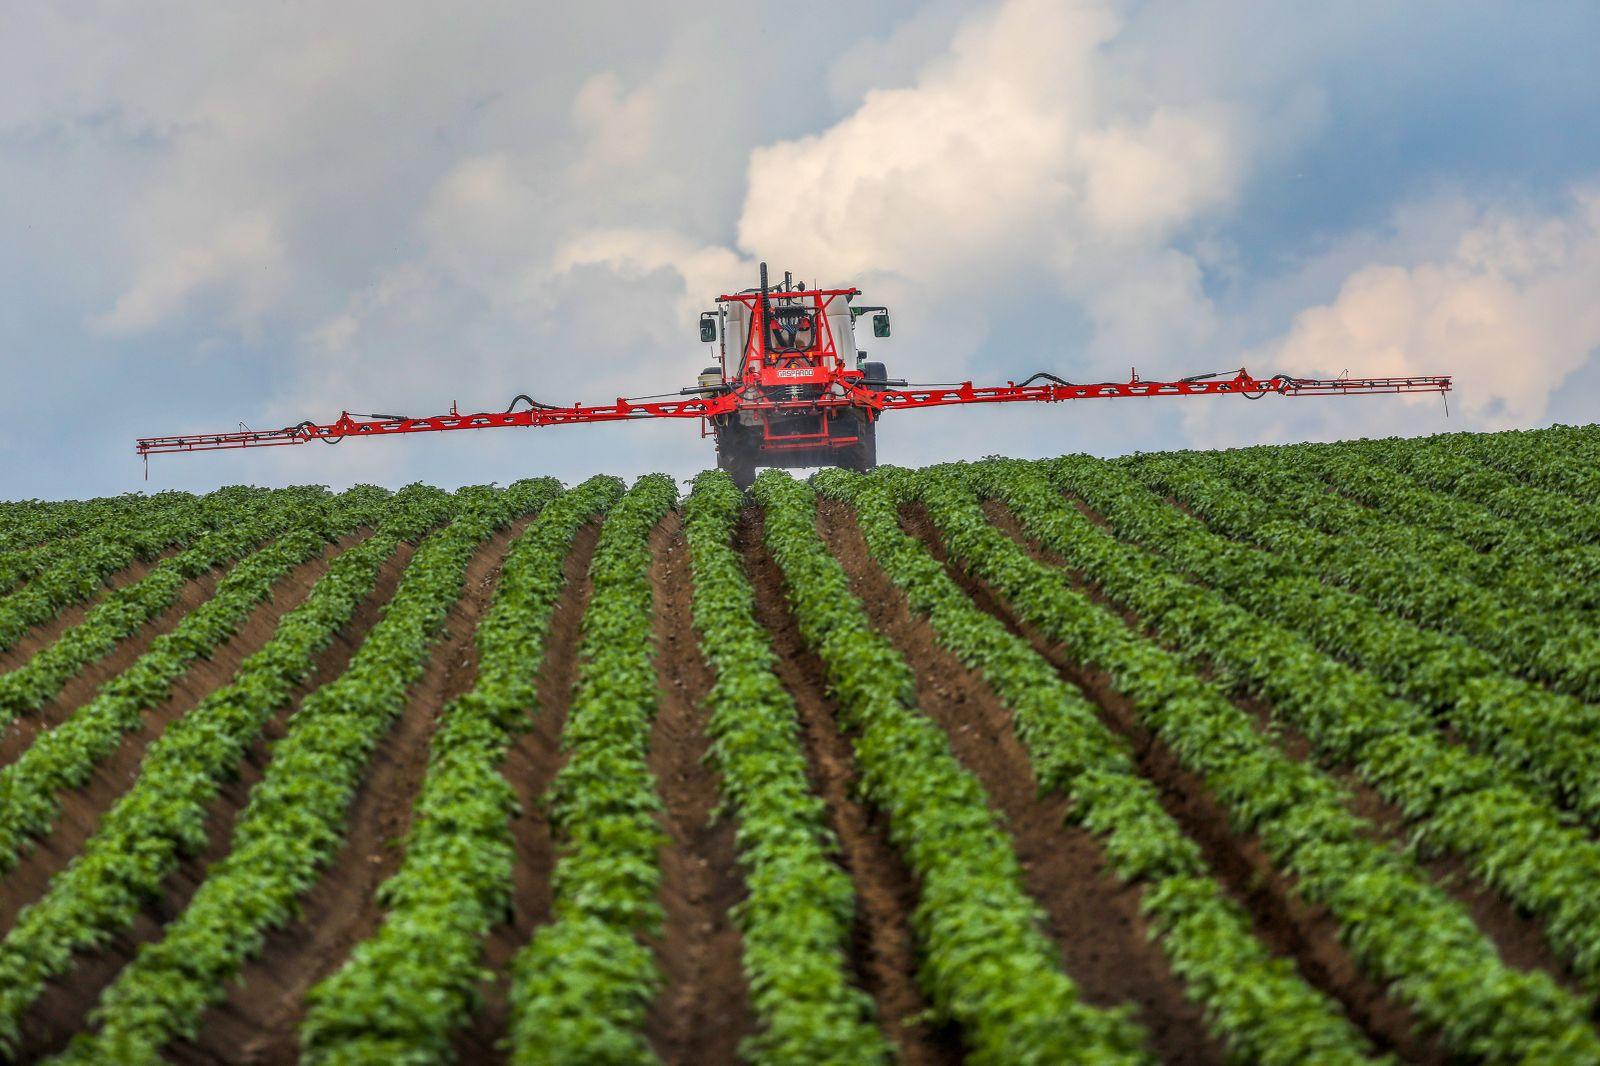 Landwirt spritzt Pflanzenschutzmittel aufs Feld